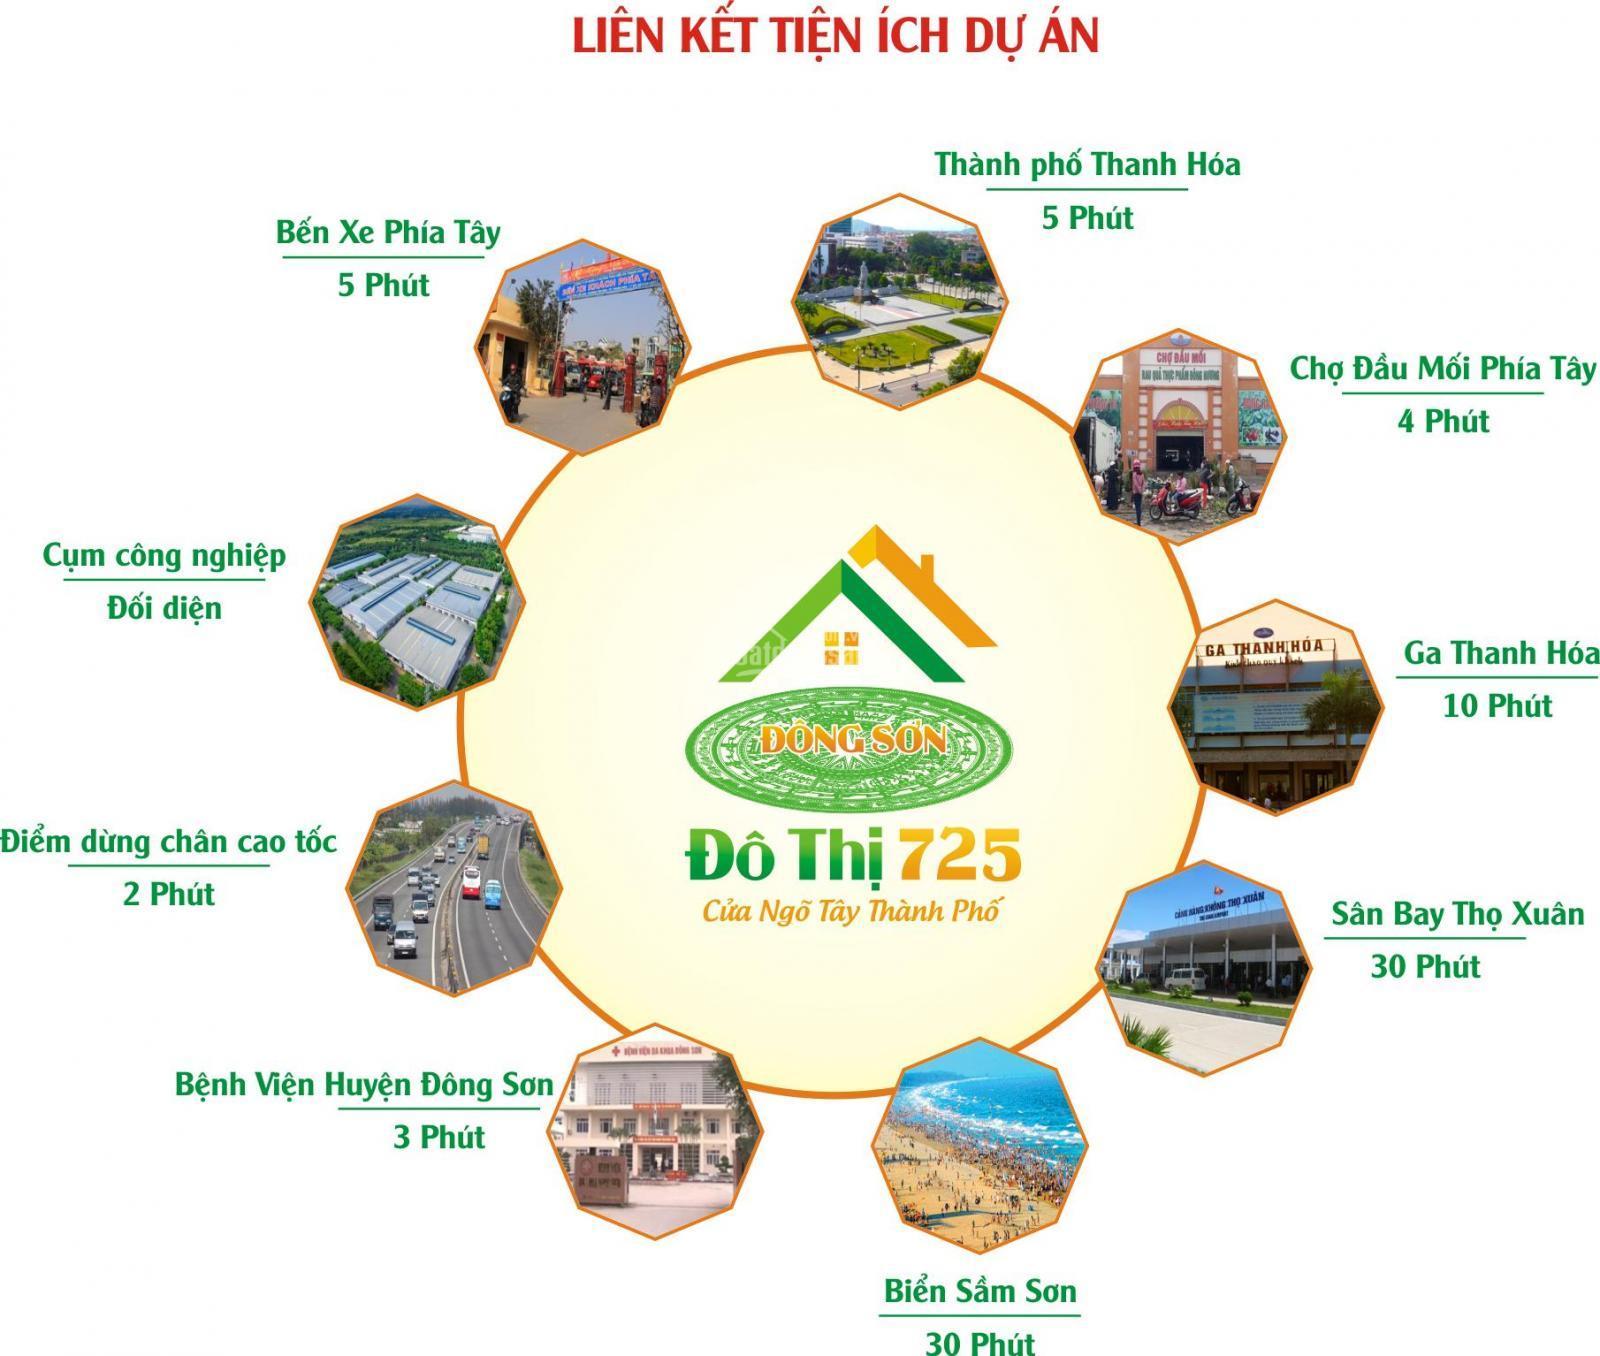 Tiện ích ngoại khu dự án Khu đô thị 725 Đông Sơn